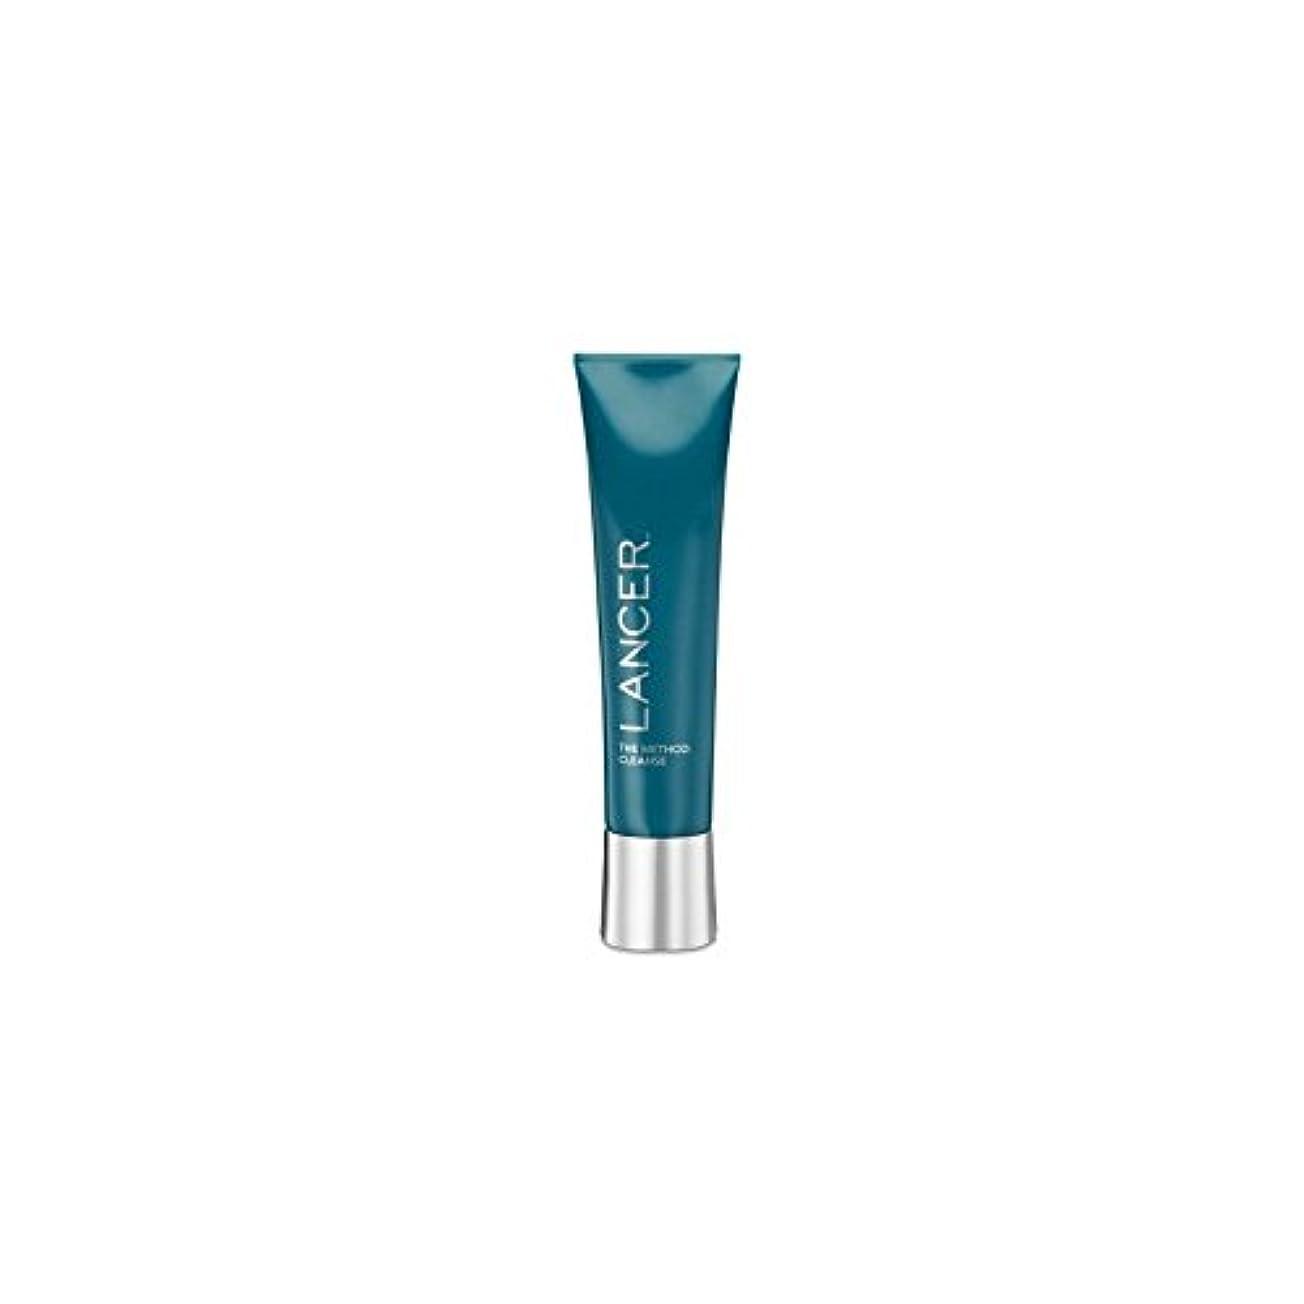 シングルグレー魔女Lancer Skincare The Method: Cleanser (120ml) - クレンザー(120ミリリットル):ランサーは、メソッドをスキンケア [並行輸入品]